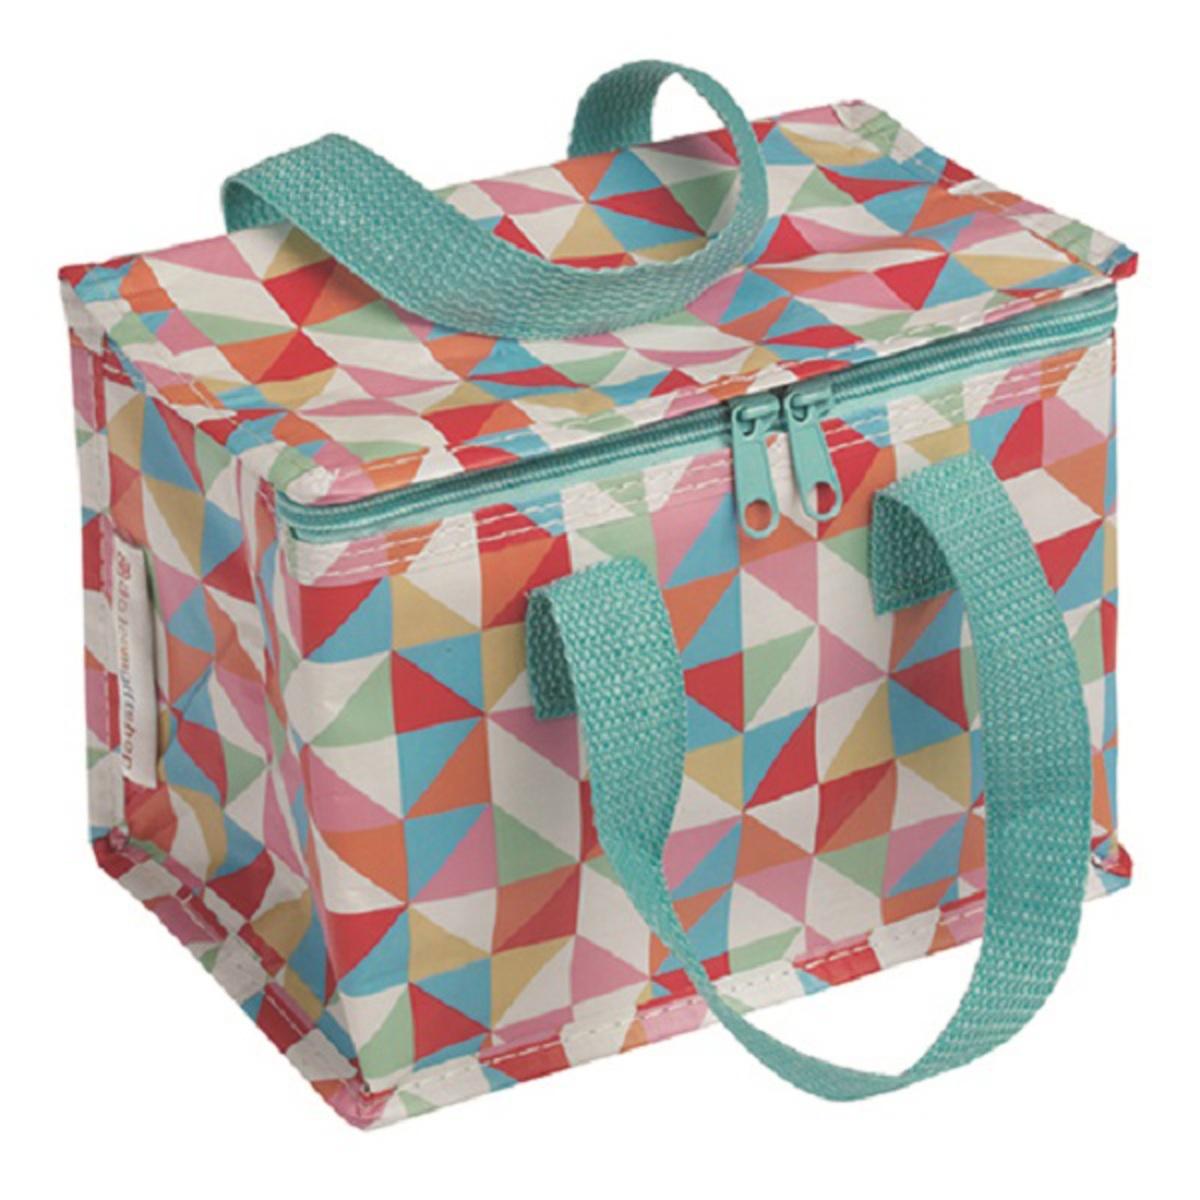 sac repas g om trique isotherme lunch bag 25632 rex. Black Bedroom Furniture Sets. Home Design Ideas